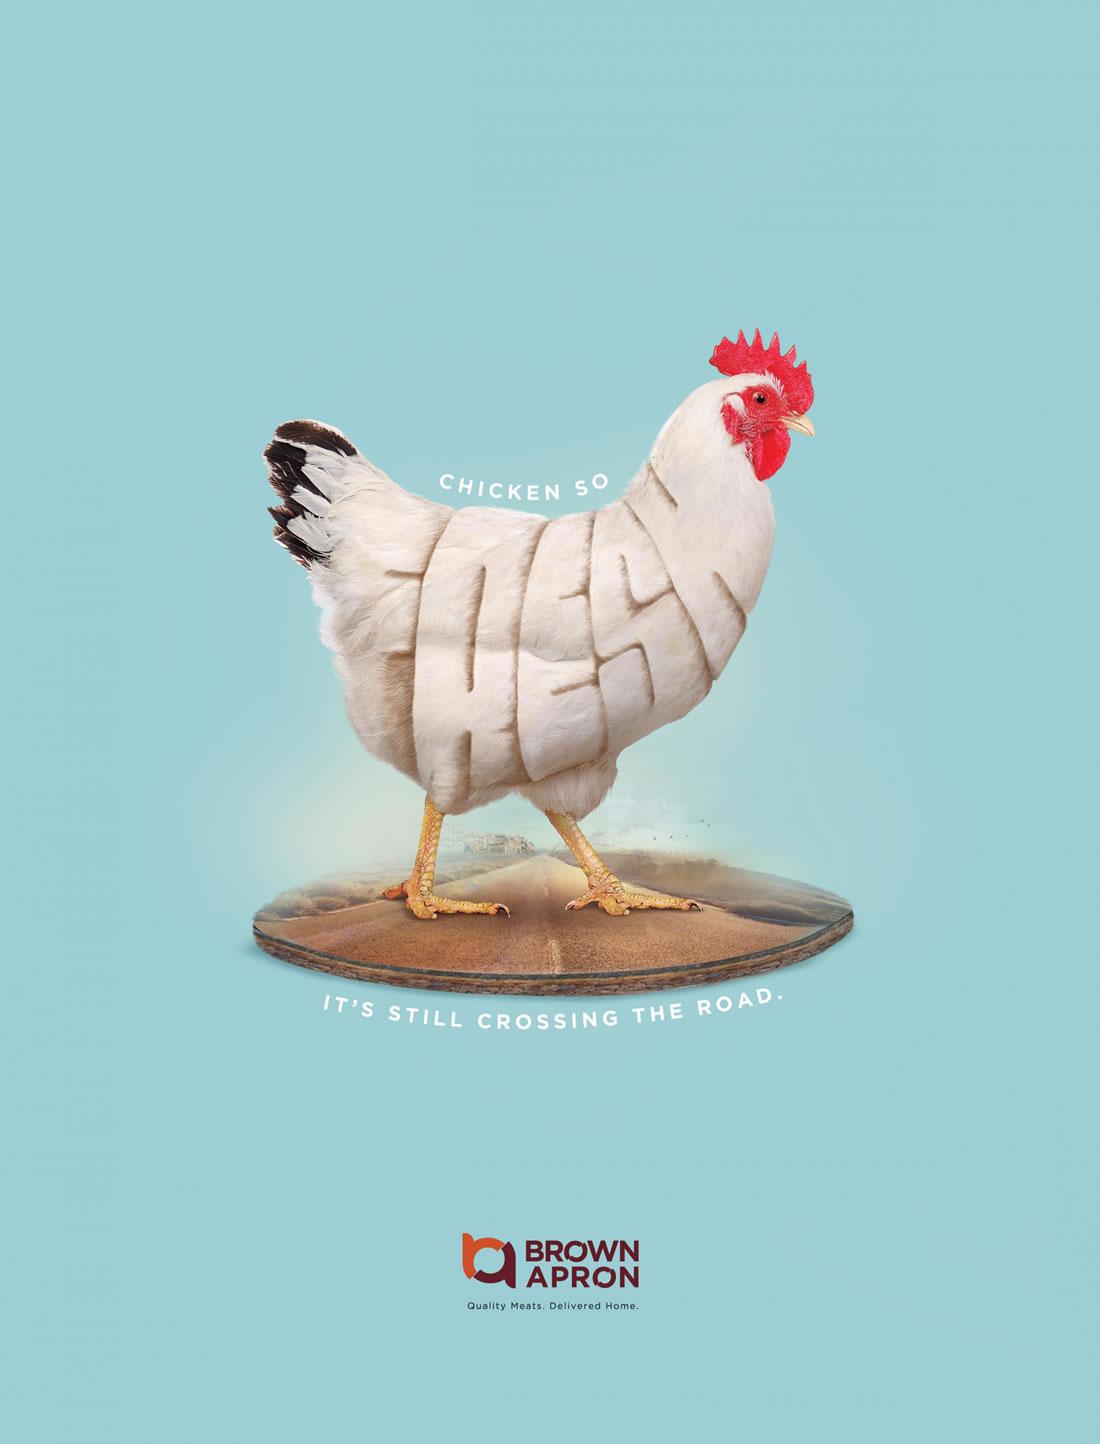 Inspiration – 110 Affiches Publicitaires Graphiques d'avril 2018 35